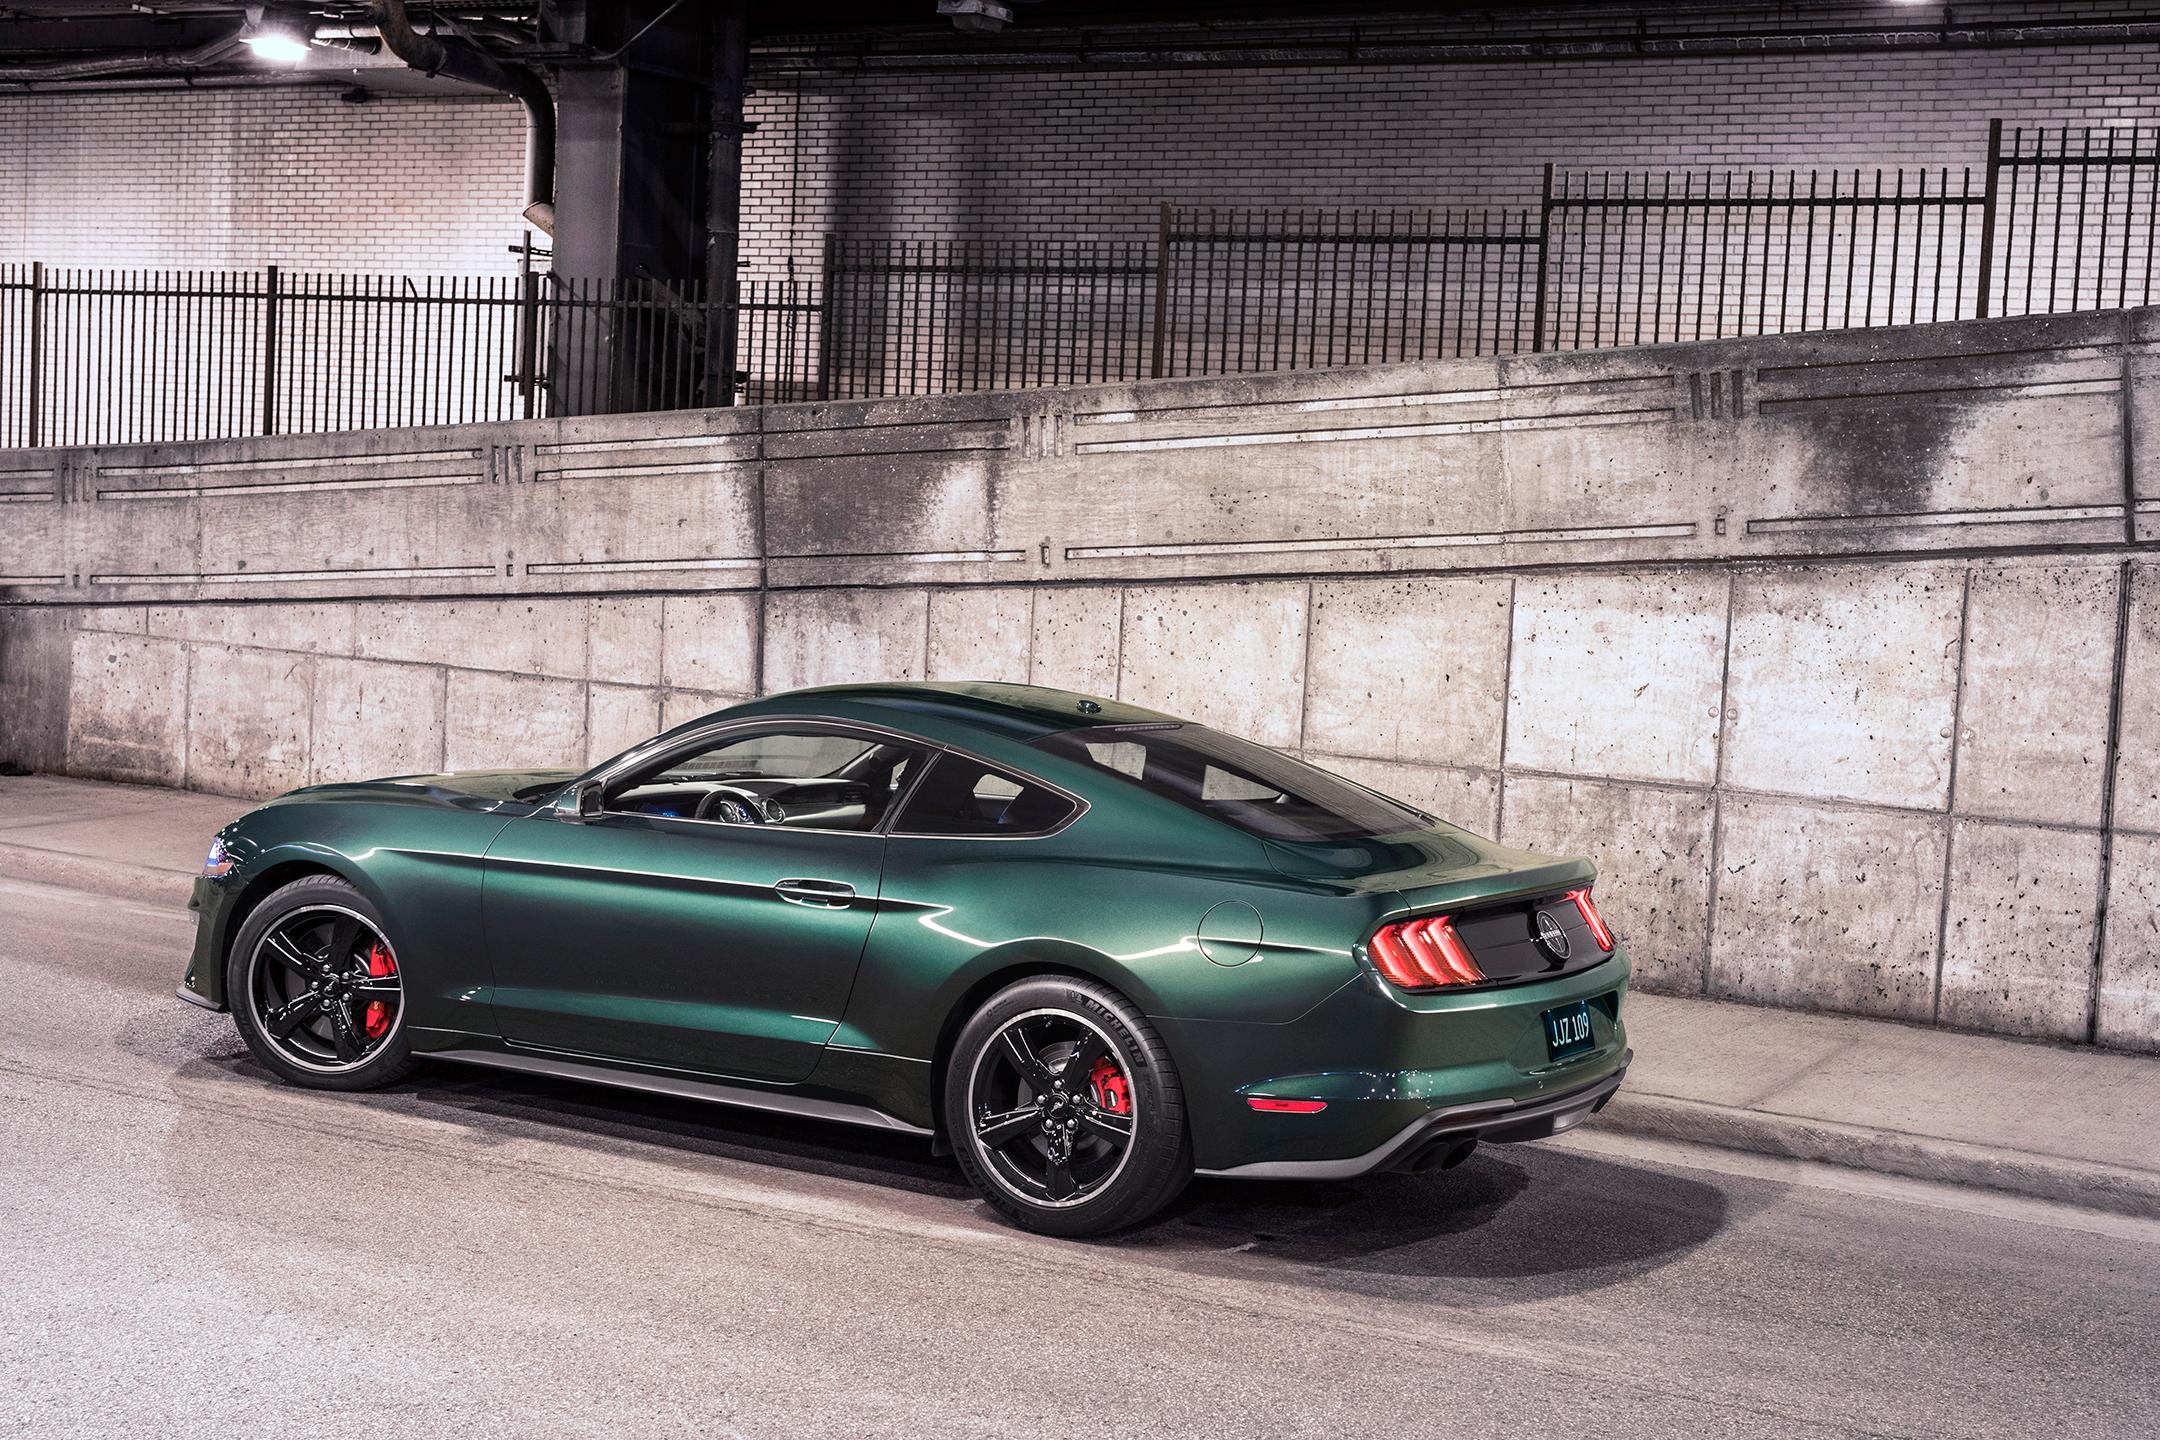 Ford Mustang Bullitt - 2018 - side-face / profil